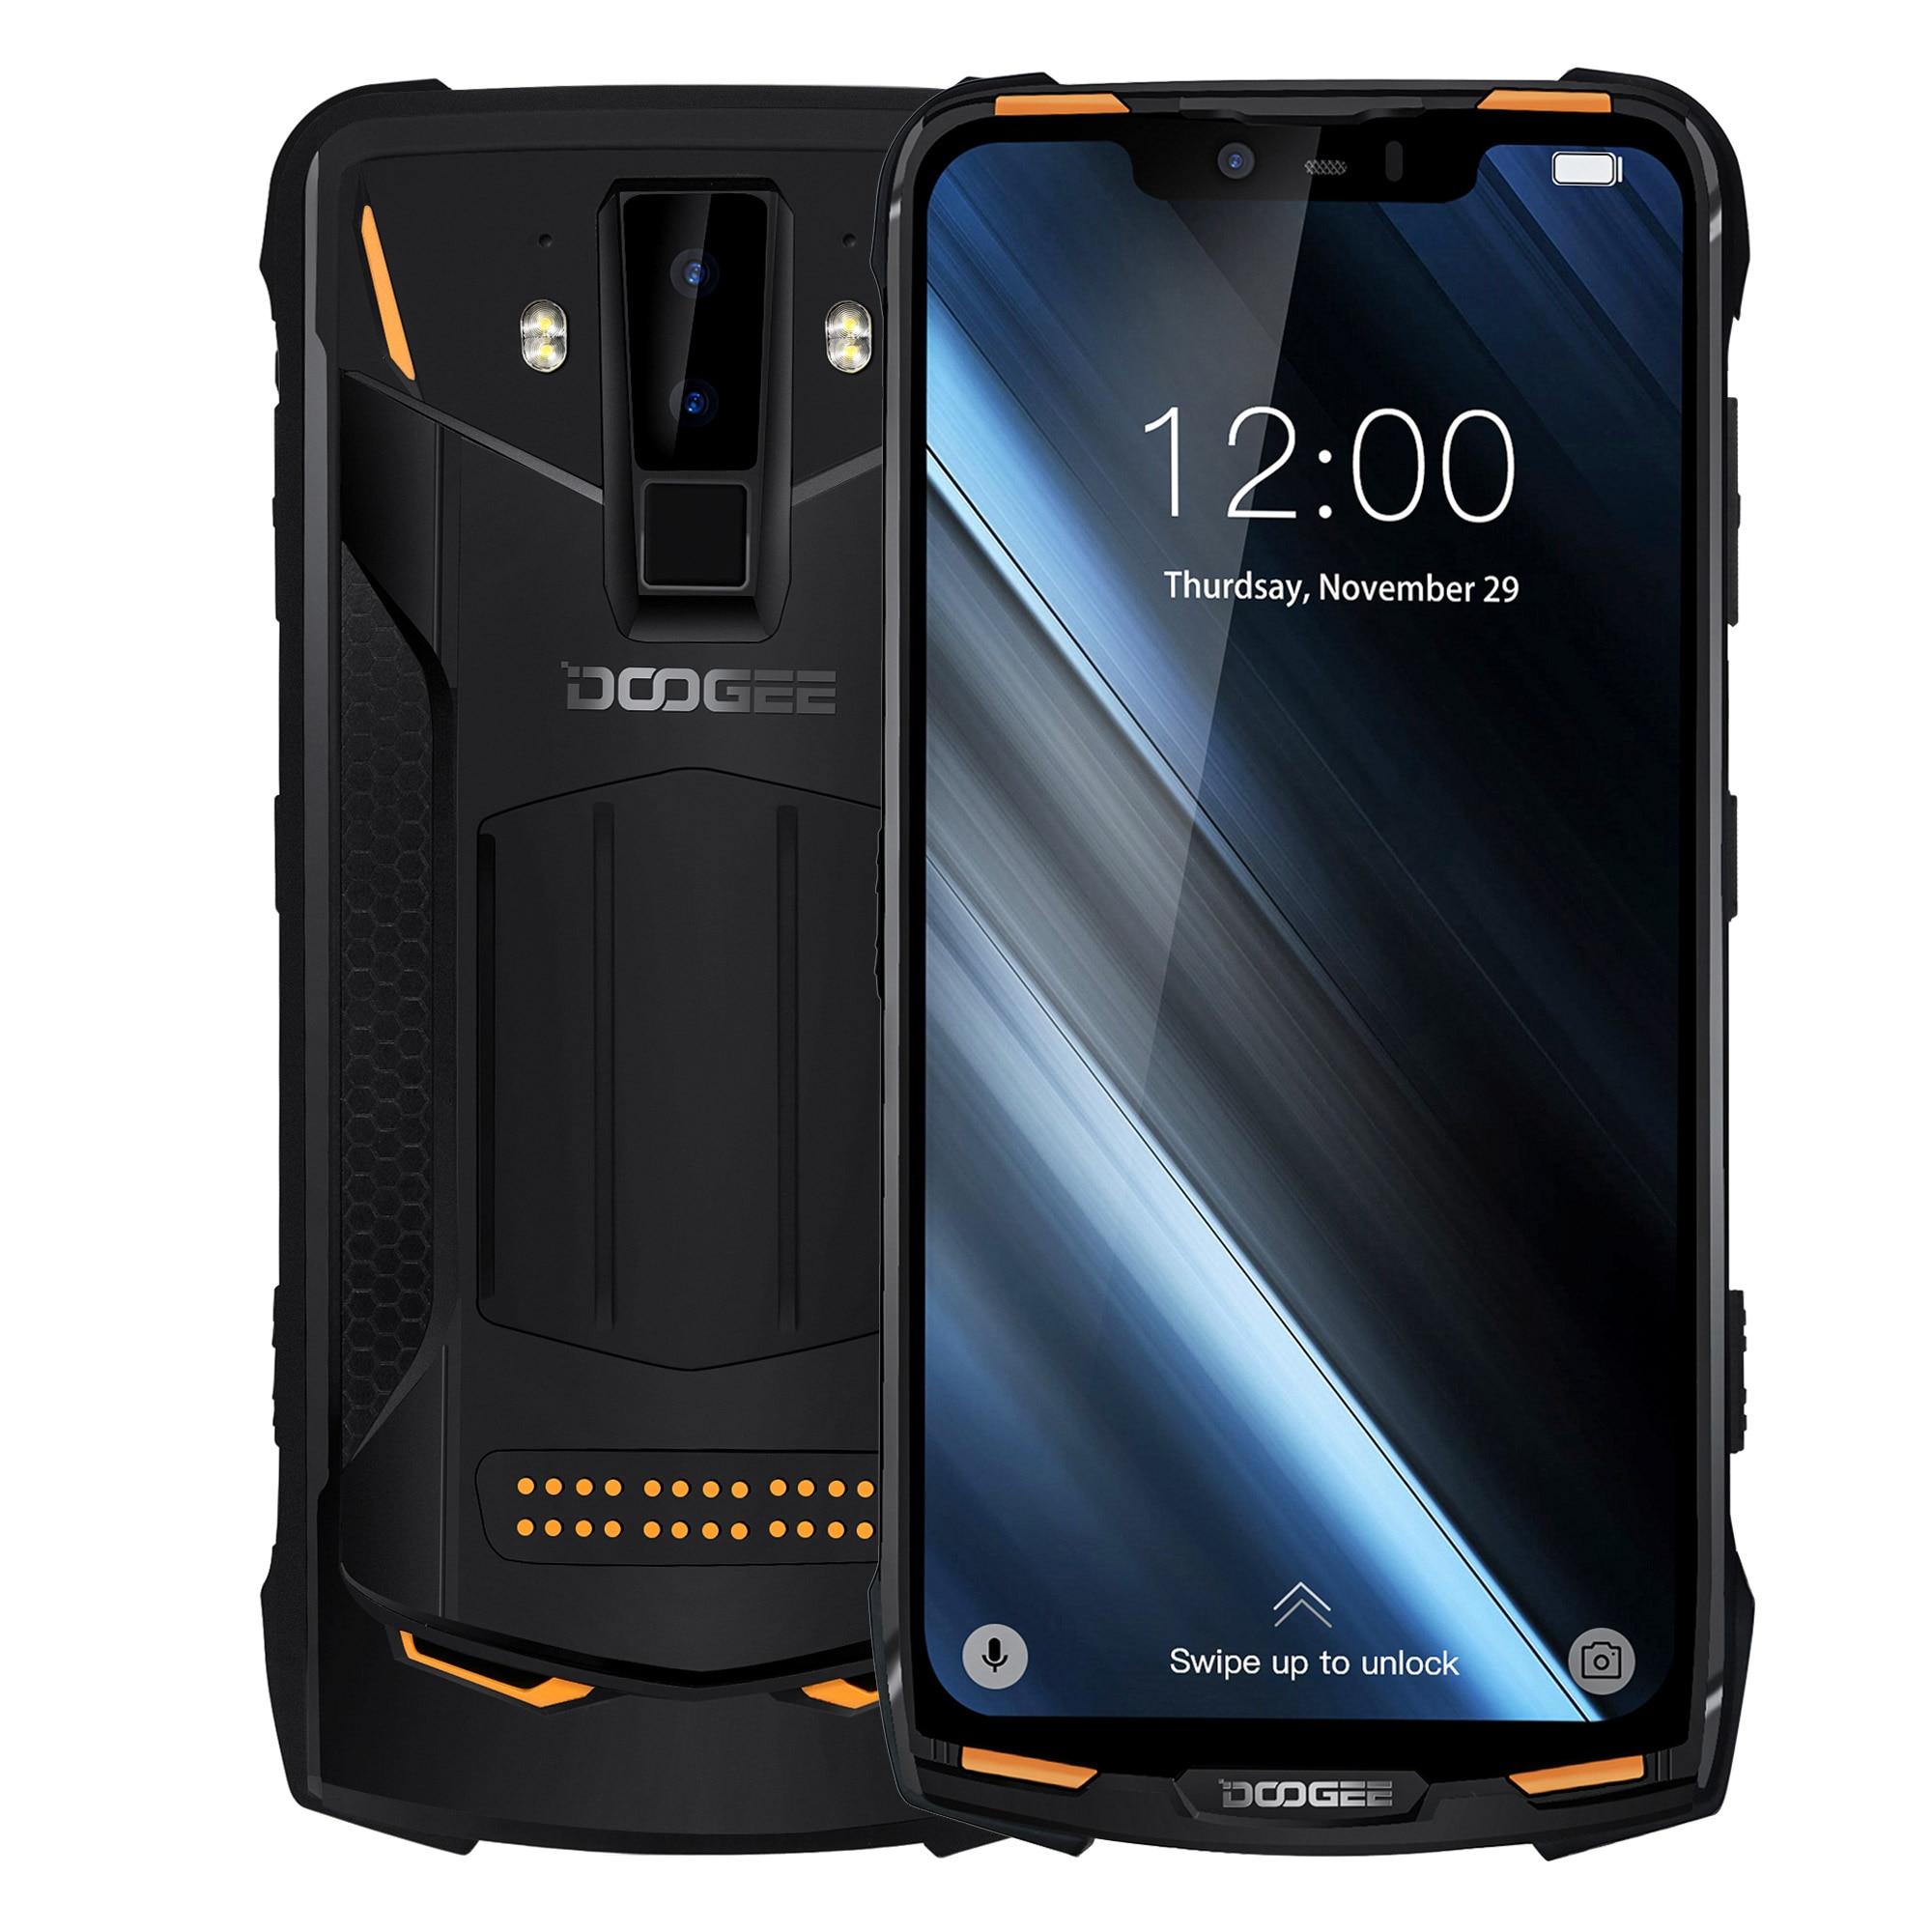 DOOGEE S90 Super modulaire robuste téléphone Mobile 6.18 pouces affichage IP68/IP69K 5050 mAh Helio P60 Octa Core 6 GB 128 GB